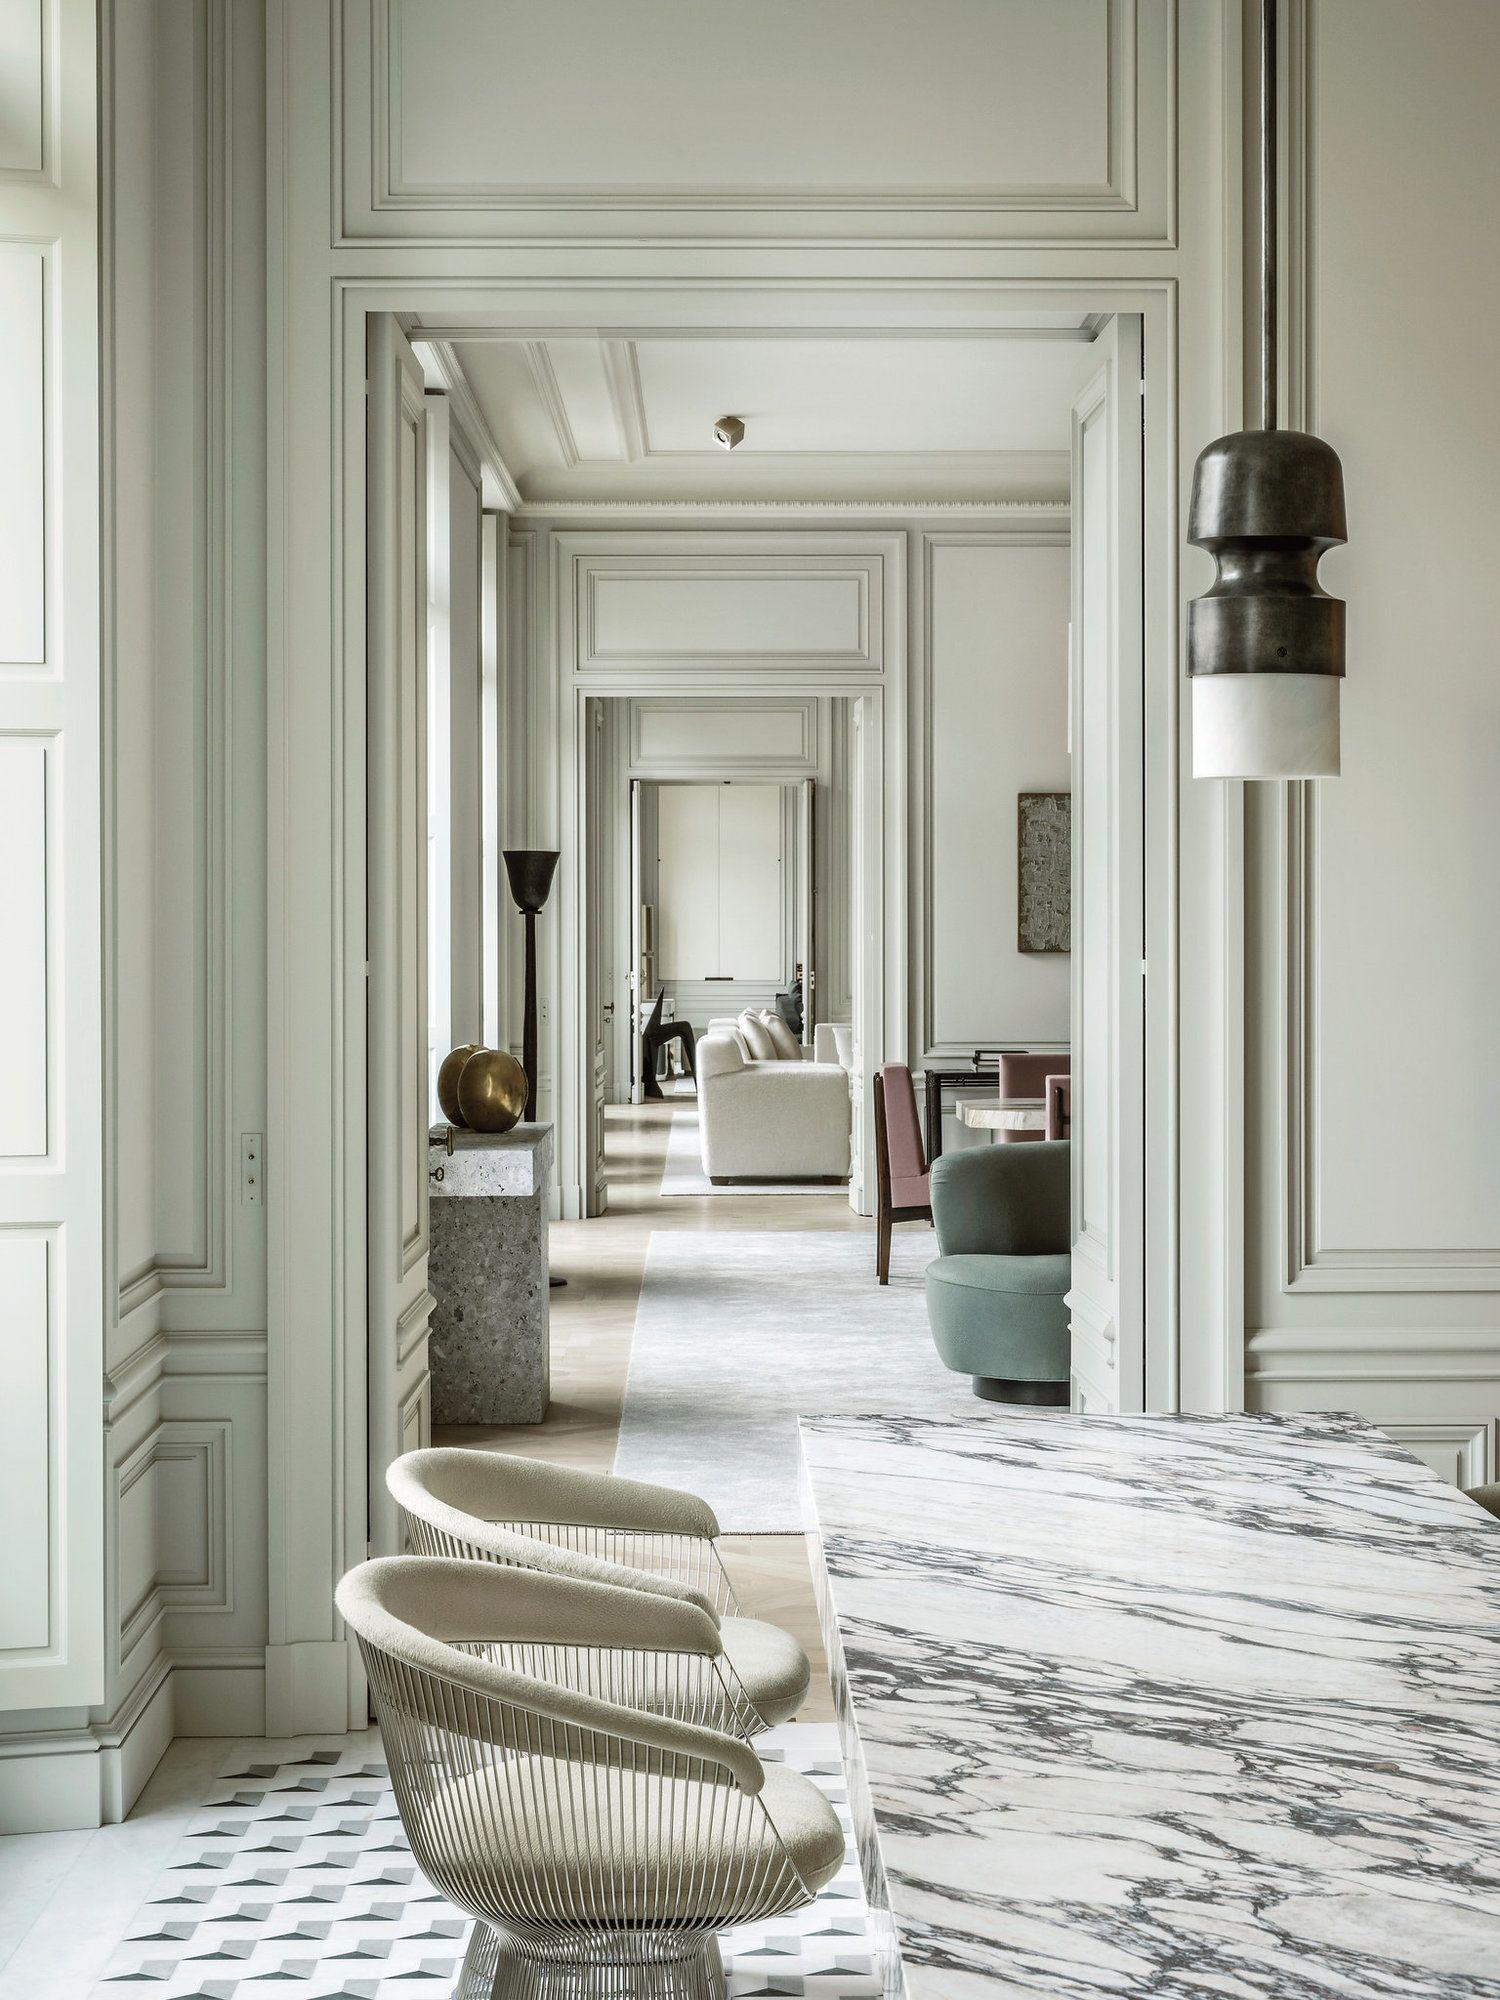 Avenue montaigne apartment by joseph dirand